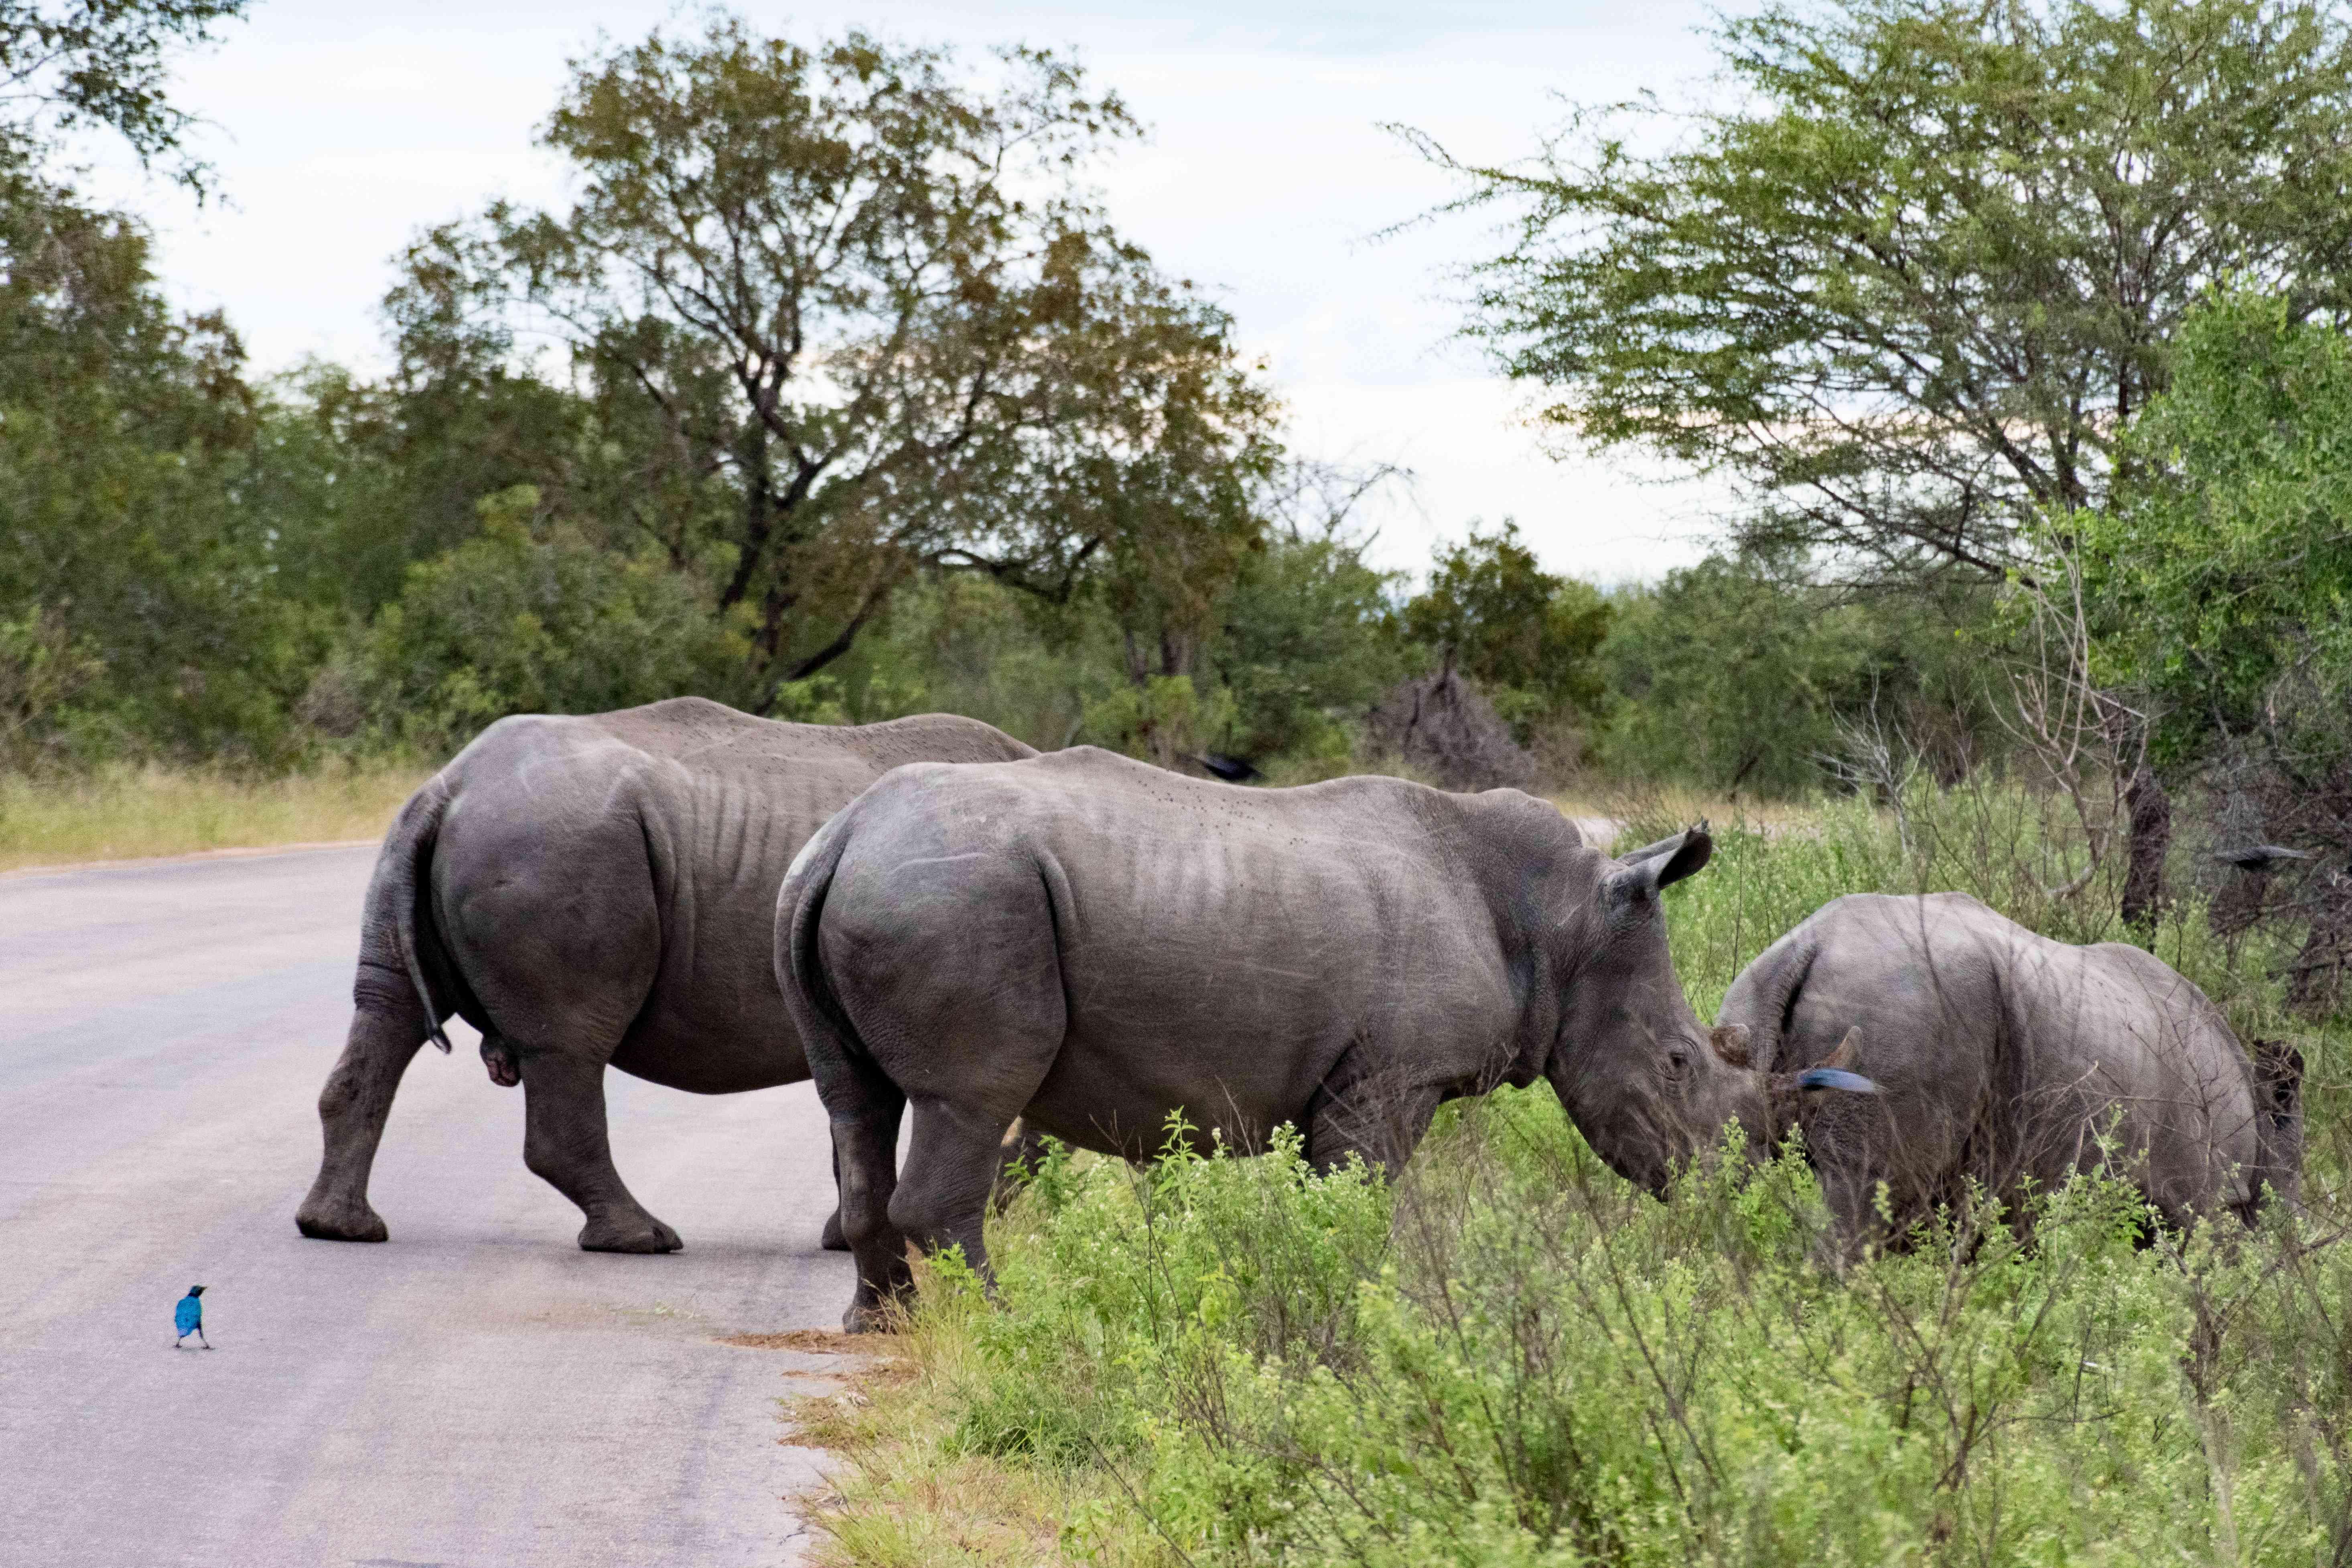 Rhinos in Kruger National Park